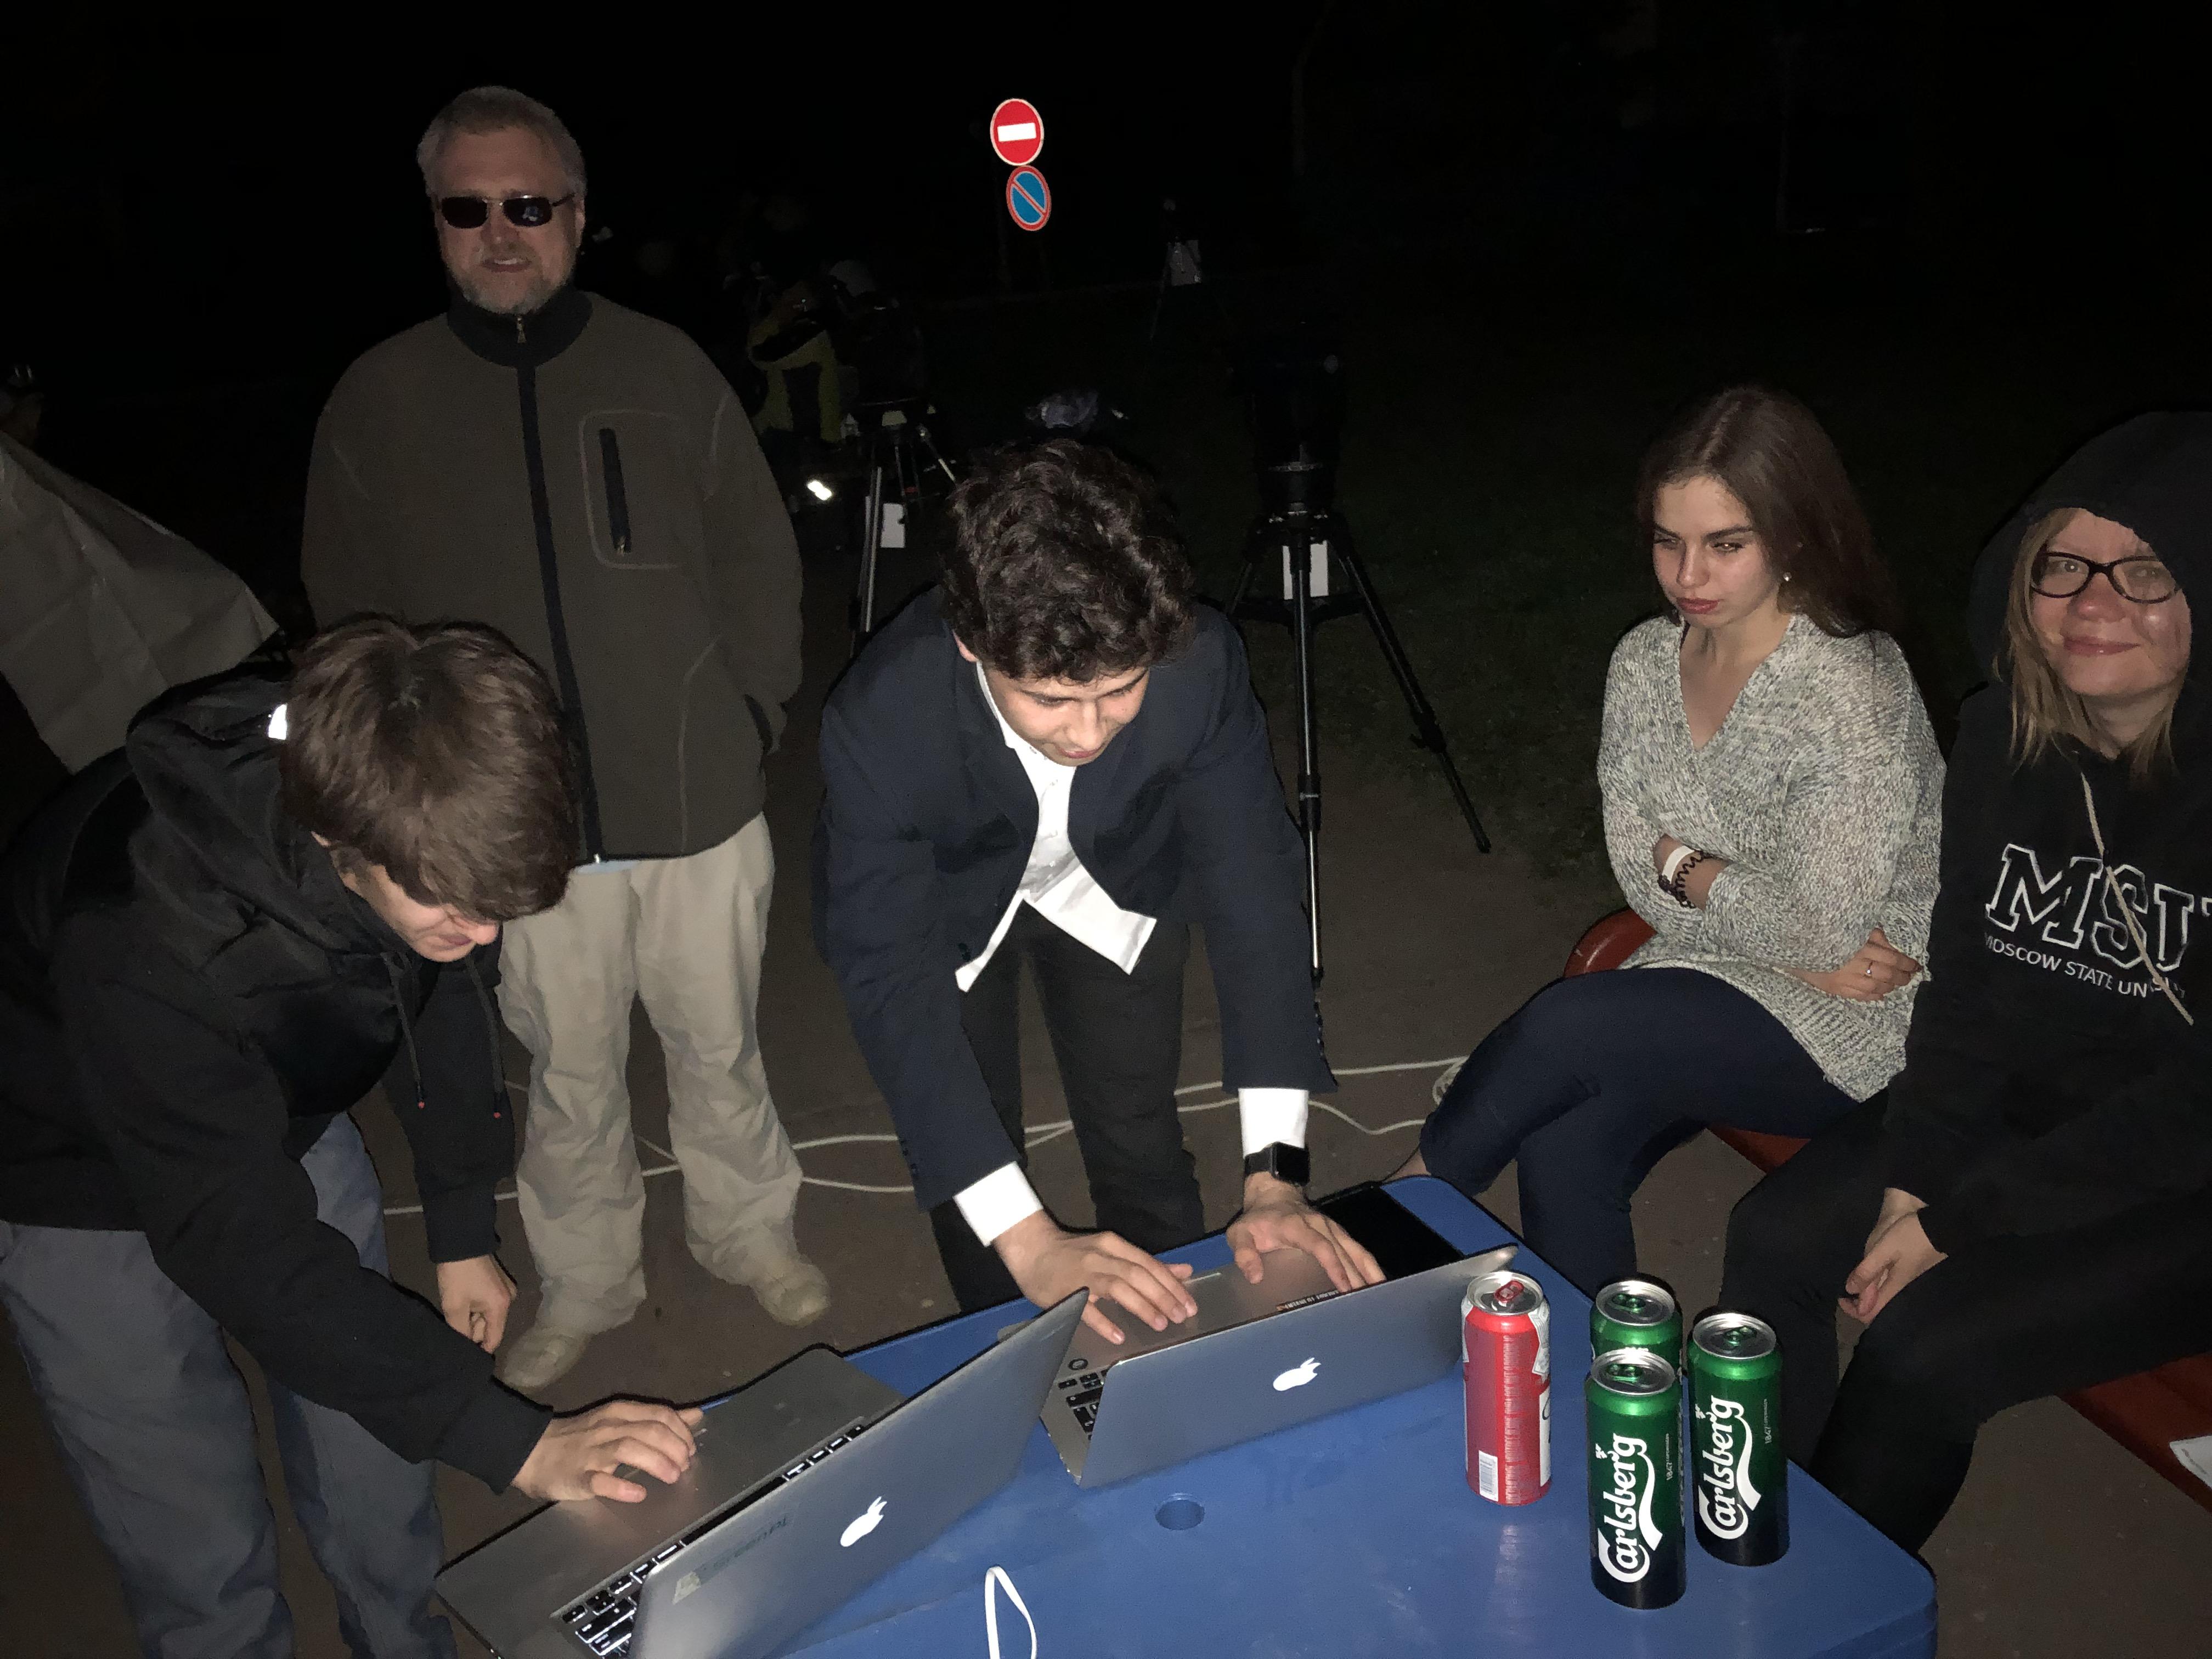 Теперь для наблюдений телескоп не нужен, достаточно компьютера, интернета, платформы GreenPL и ... пива